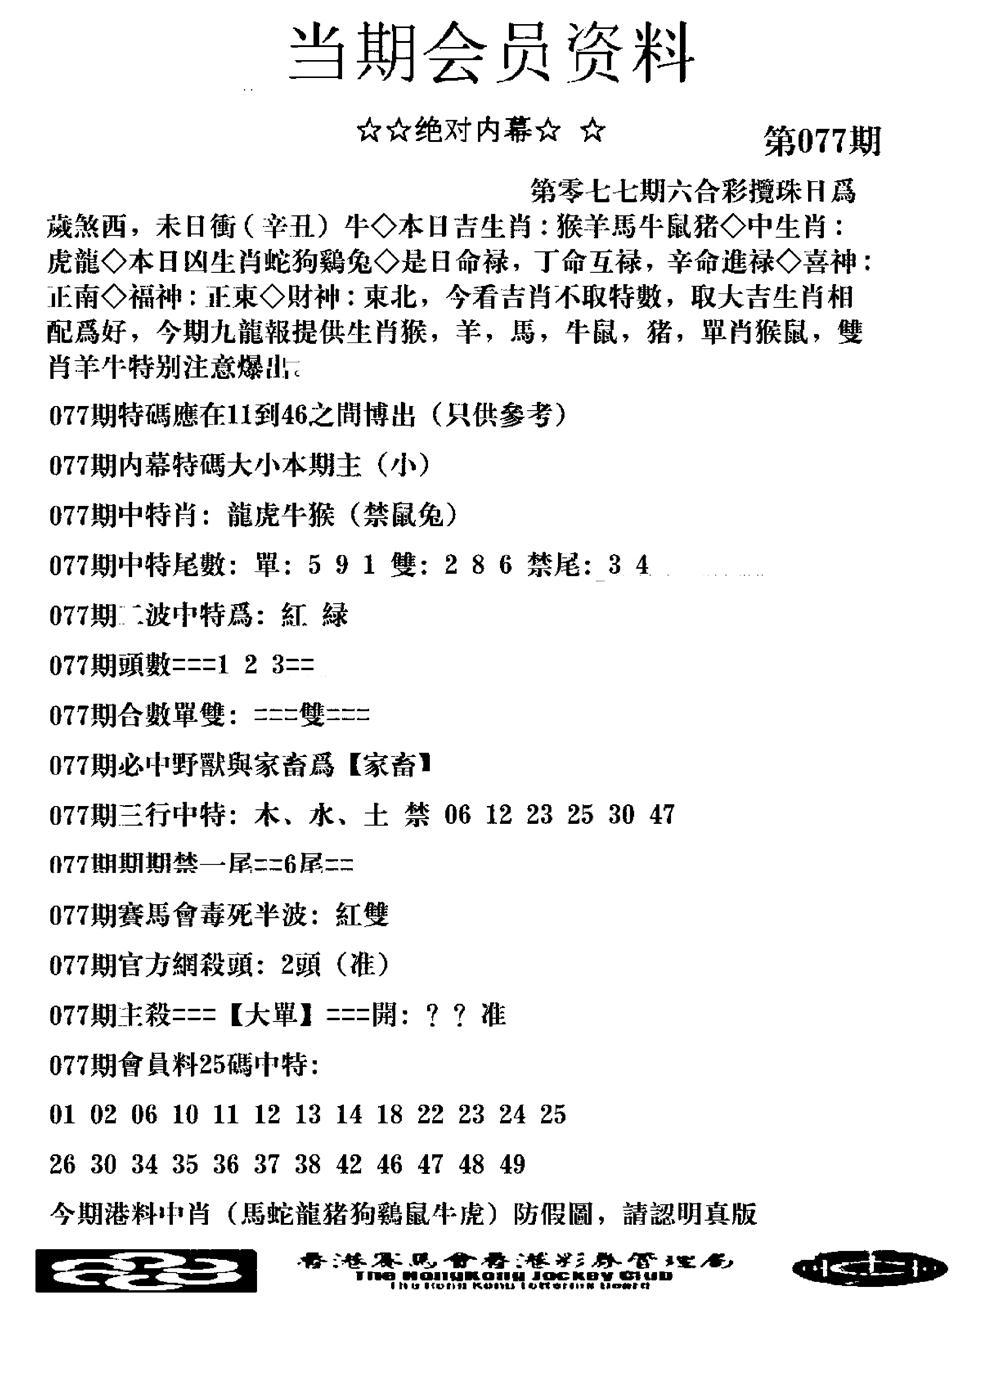 077期当期会员资料图(黑白)